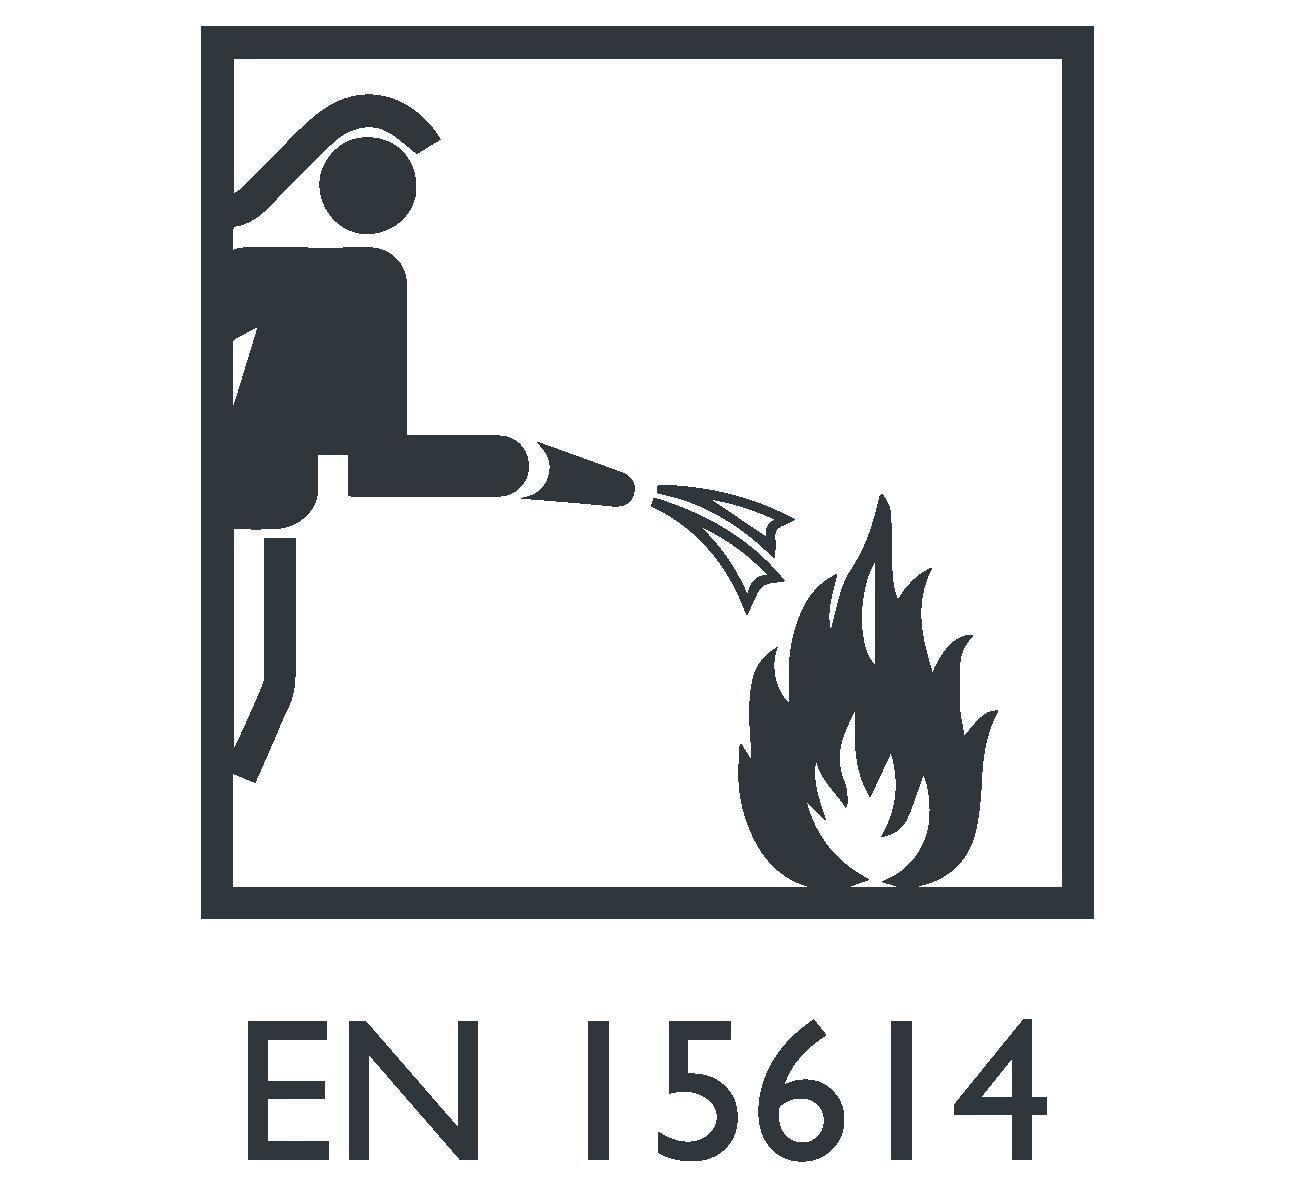 EN 15614 Roupa de proteção para bombeiros